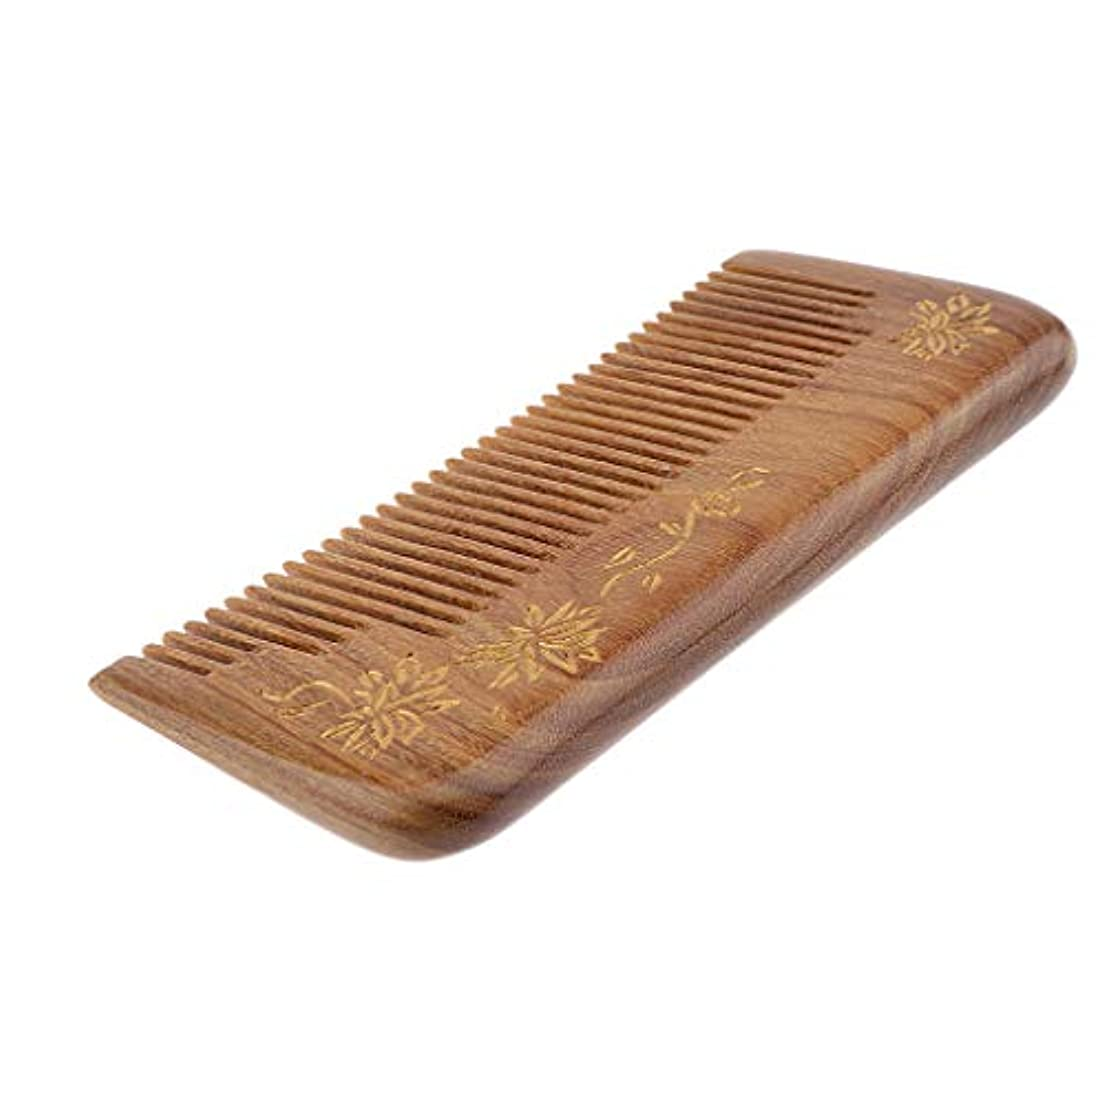 バウンド熟読残り木製櫛 広い歯 ヘアコーム ヘアブラシ 頭皮マッサージ 帯電防止 4仕様選べ - #3